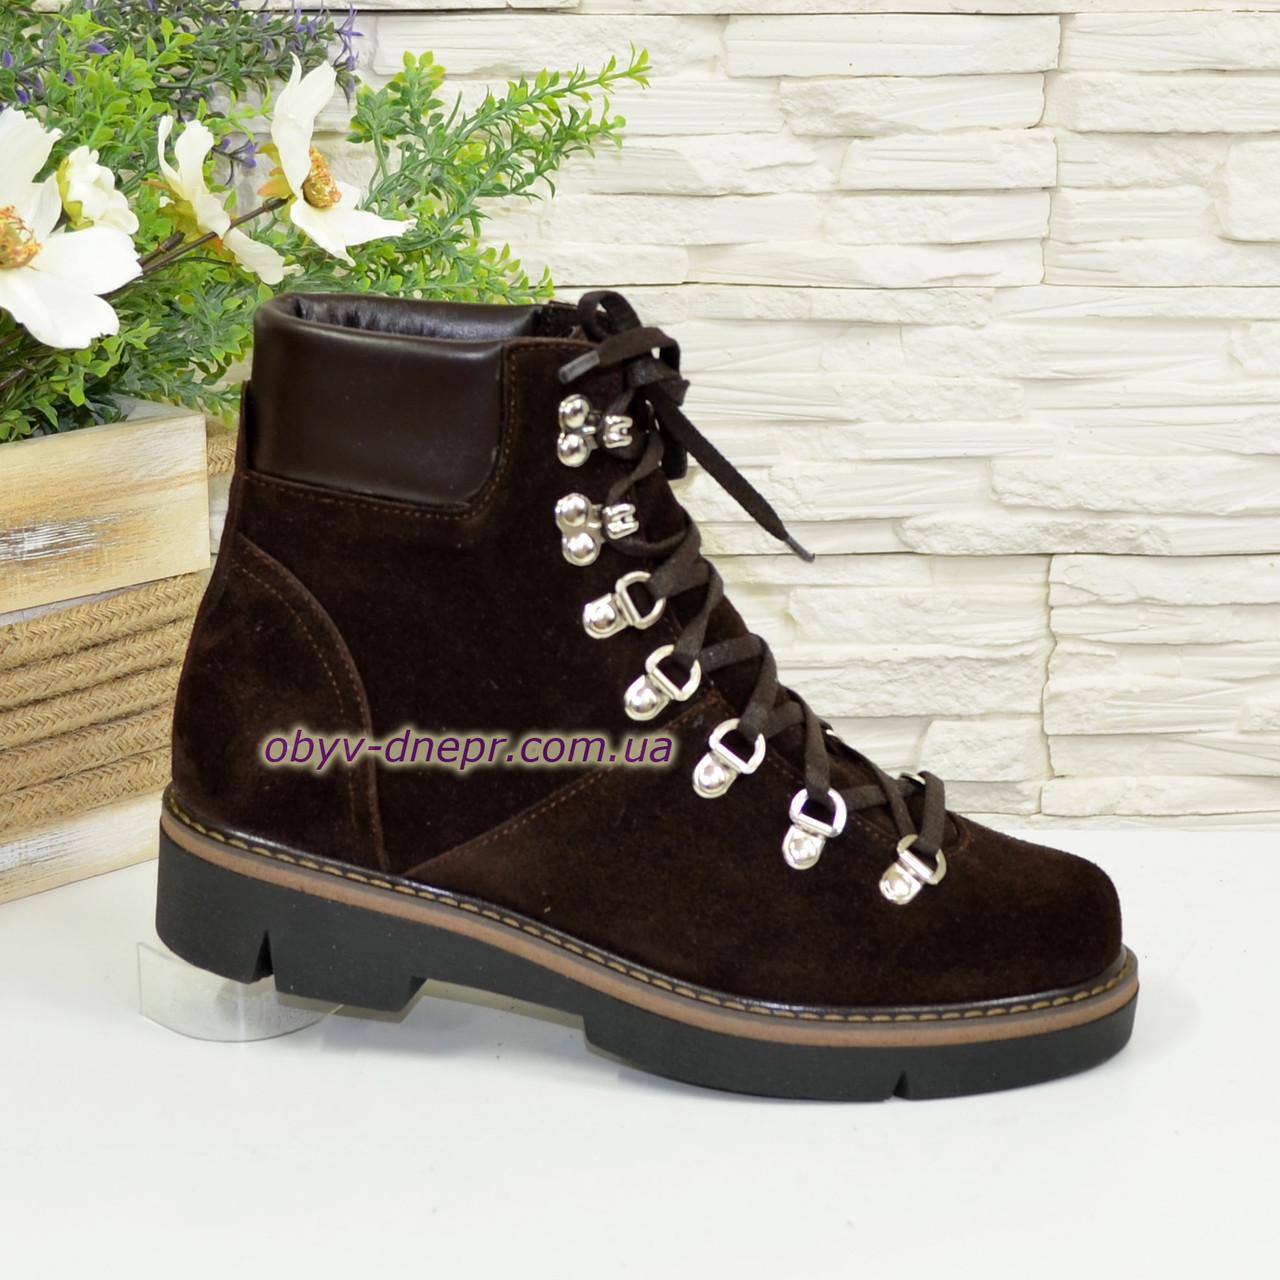 072fe56c Купить Ботинки женские зимние на низком ходу, натуральная коричневая ...